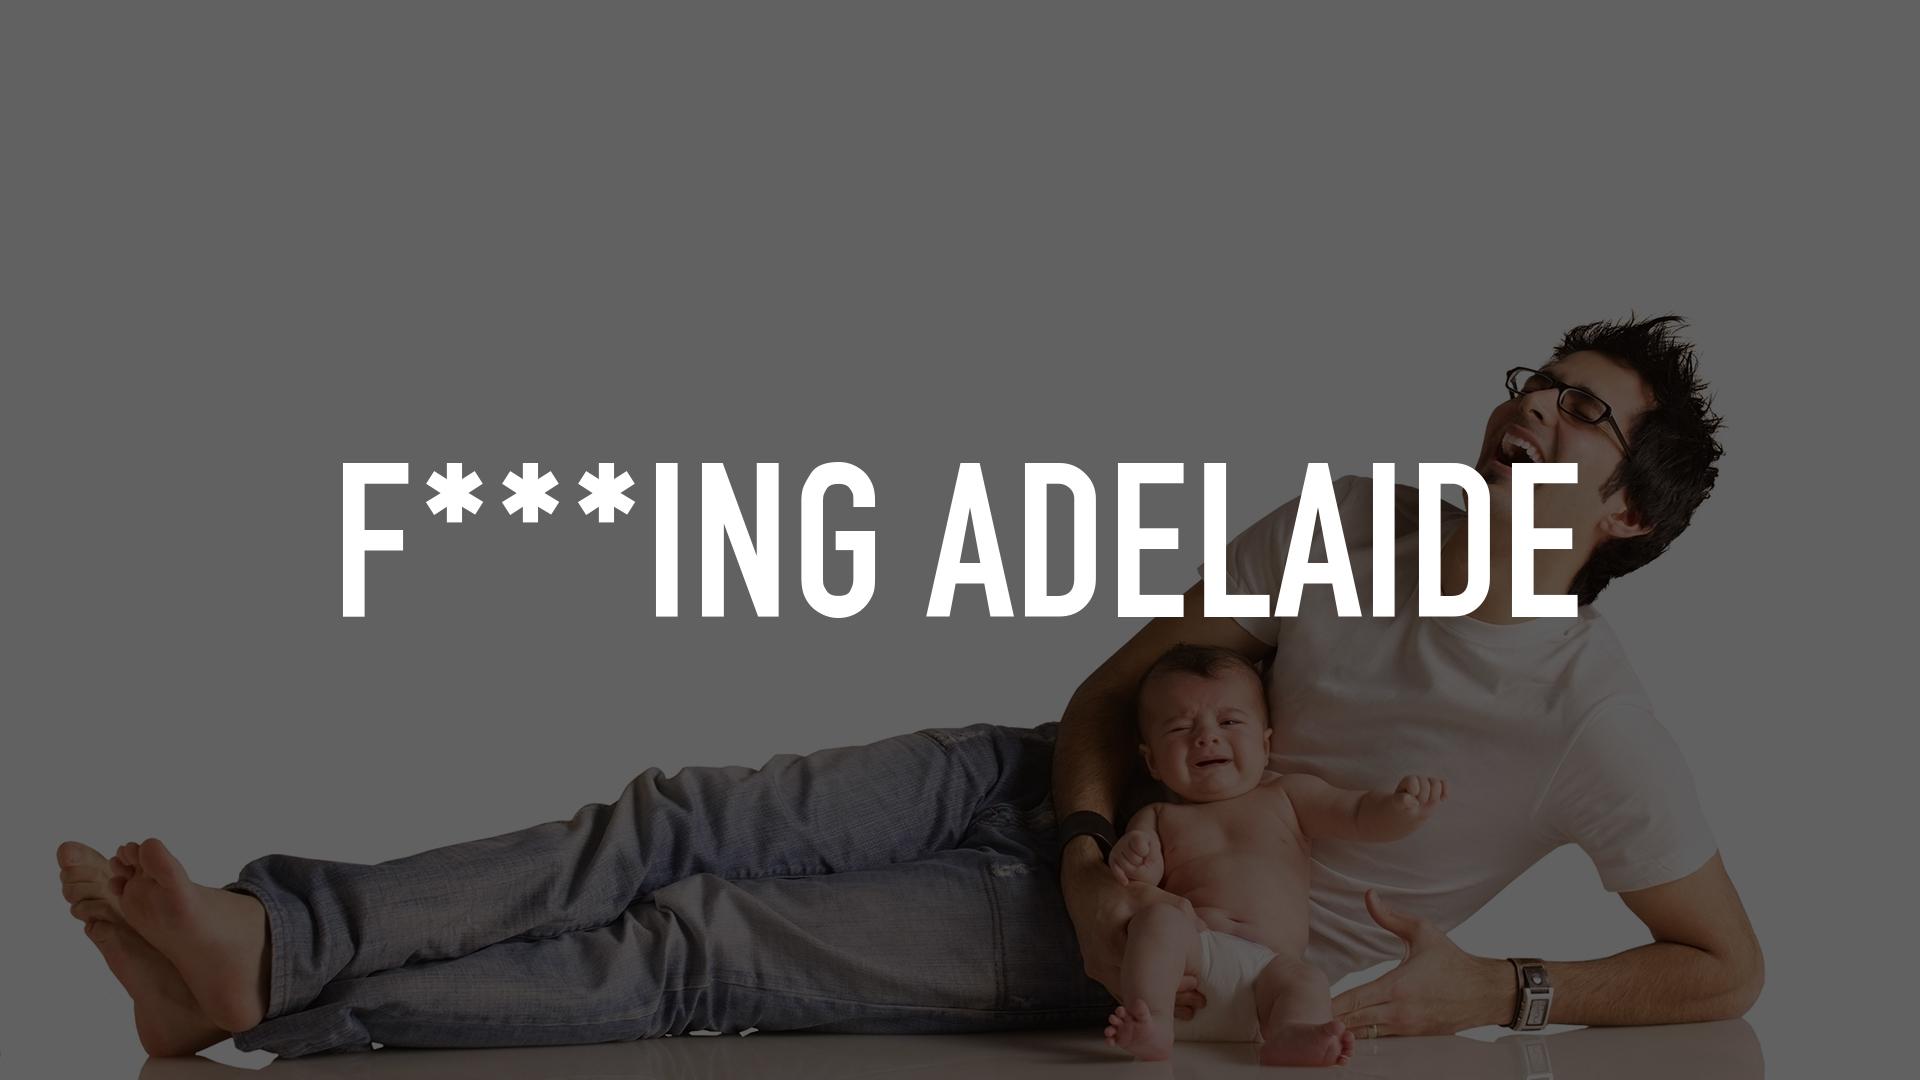 F***ing Adelaide